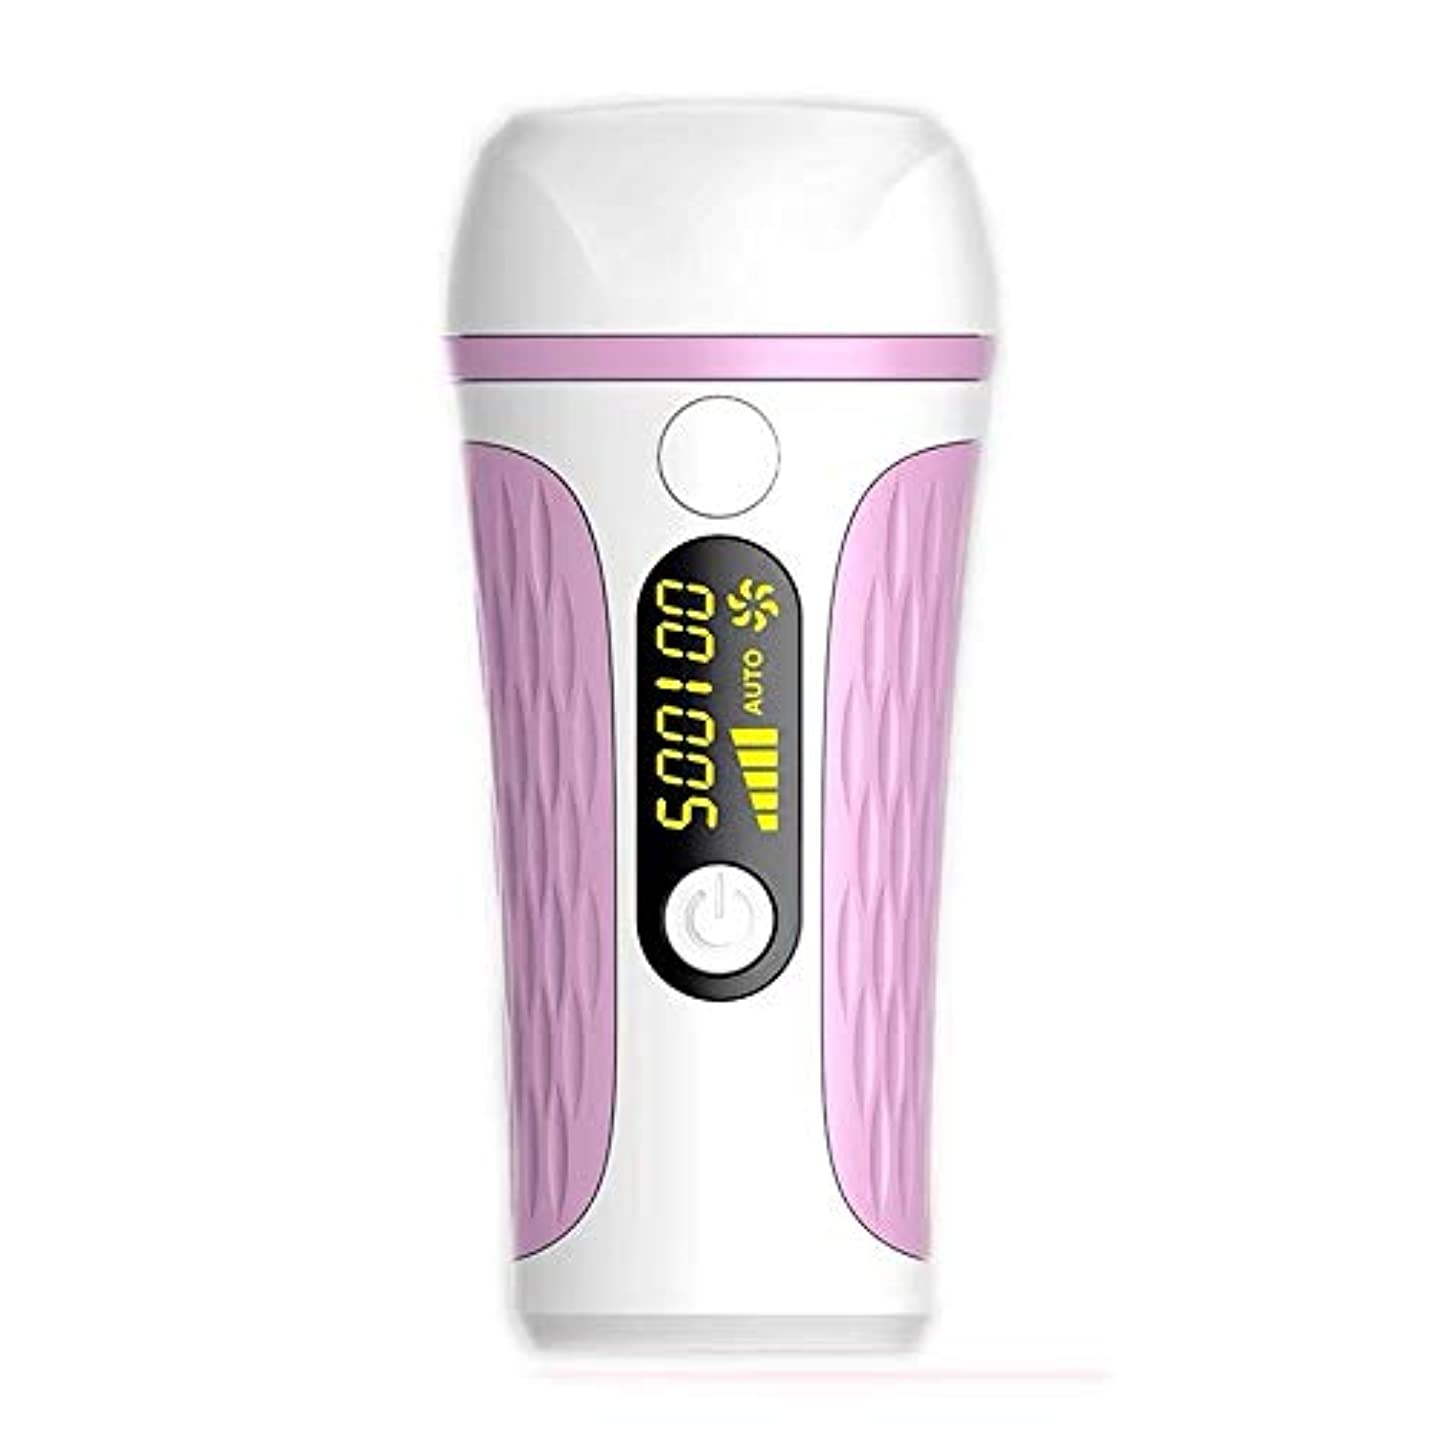 Xihouxian 携帯用コールドポイント痛みのない毛の除去剤、自動、手動、2つのモード、LCDディスプレイ、5スピード調整、サイズ14.5 X 6.7 X 19 Cm D40